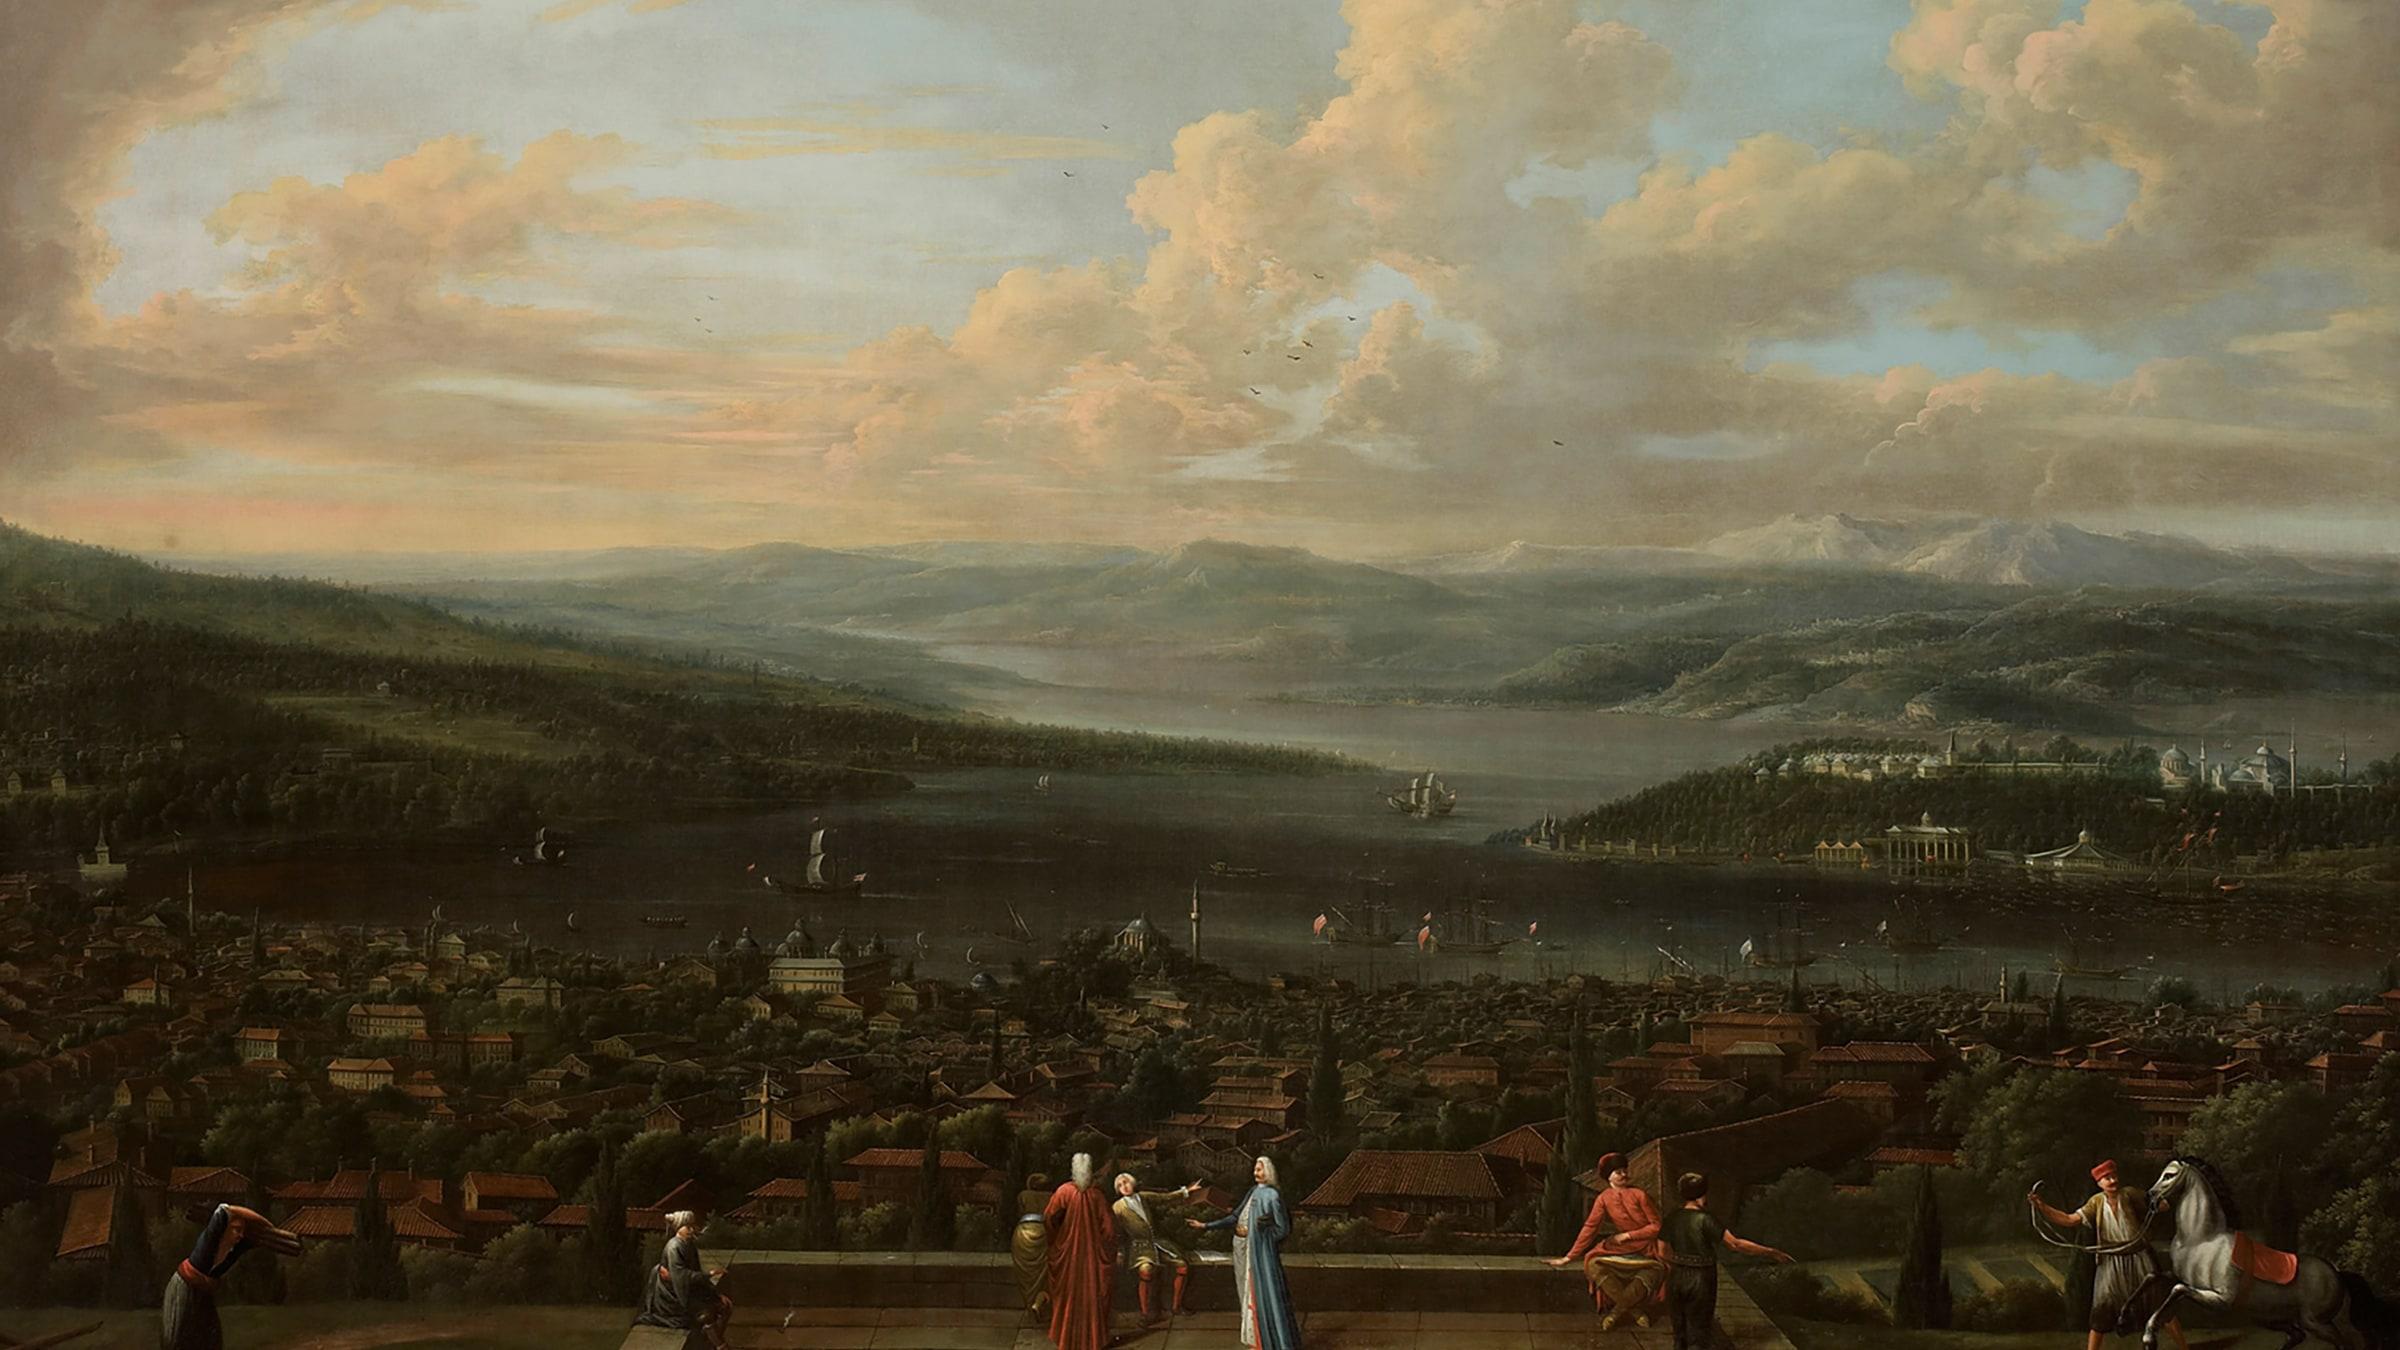 Sultans, Merchants, Painters